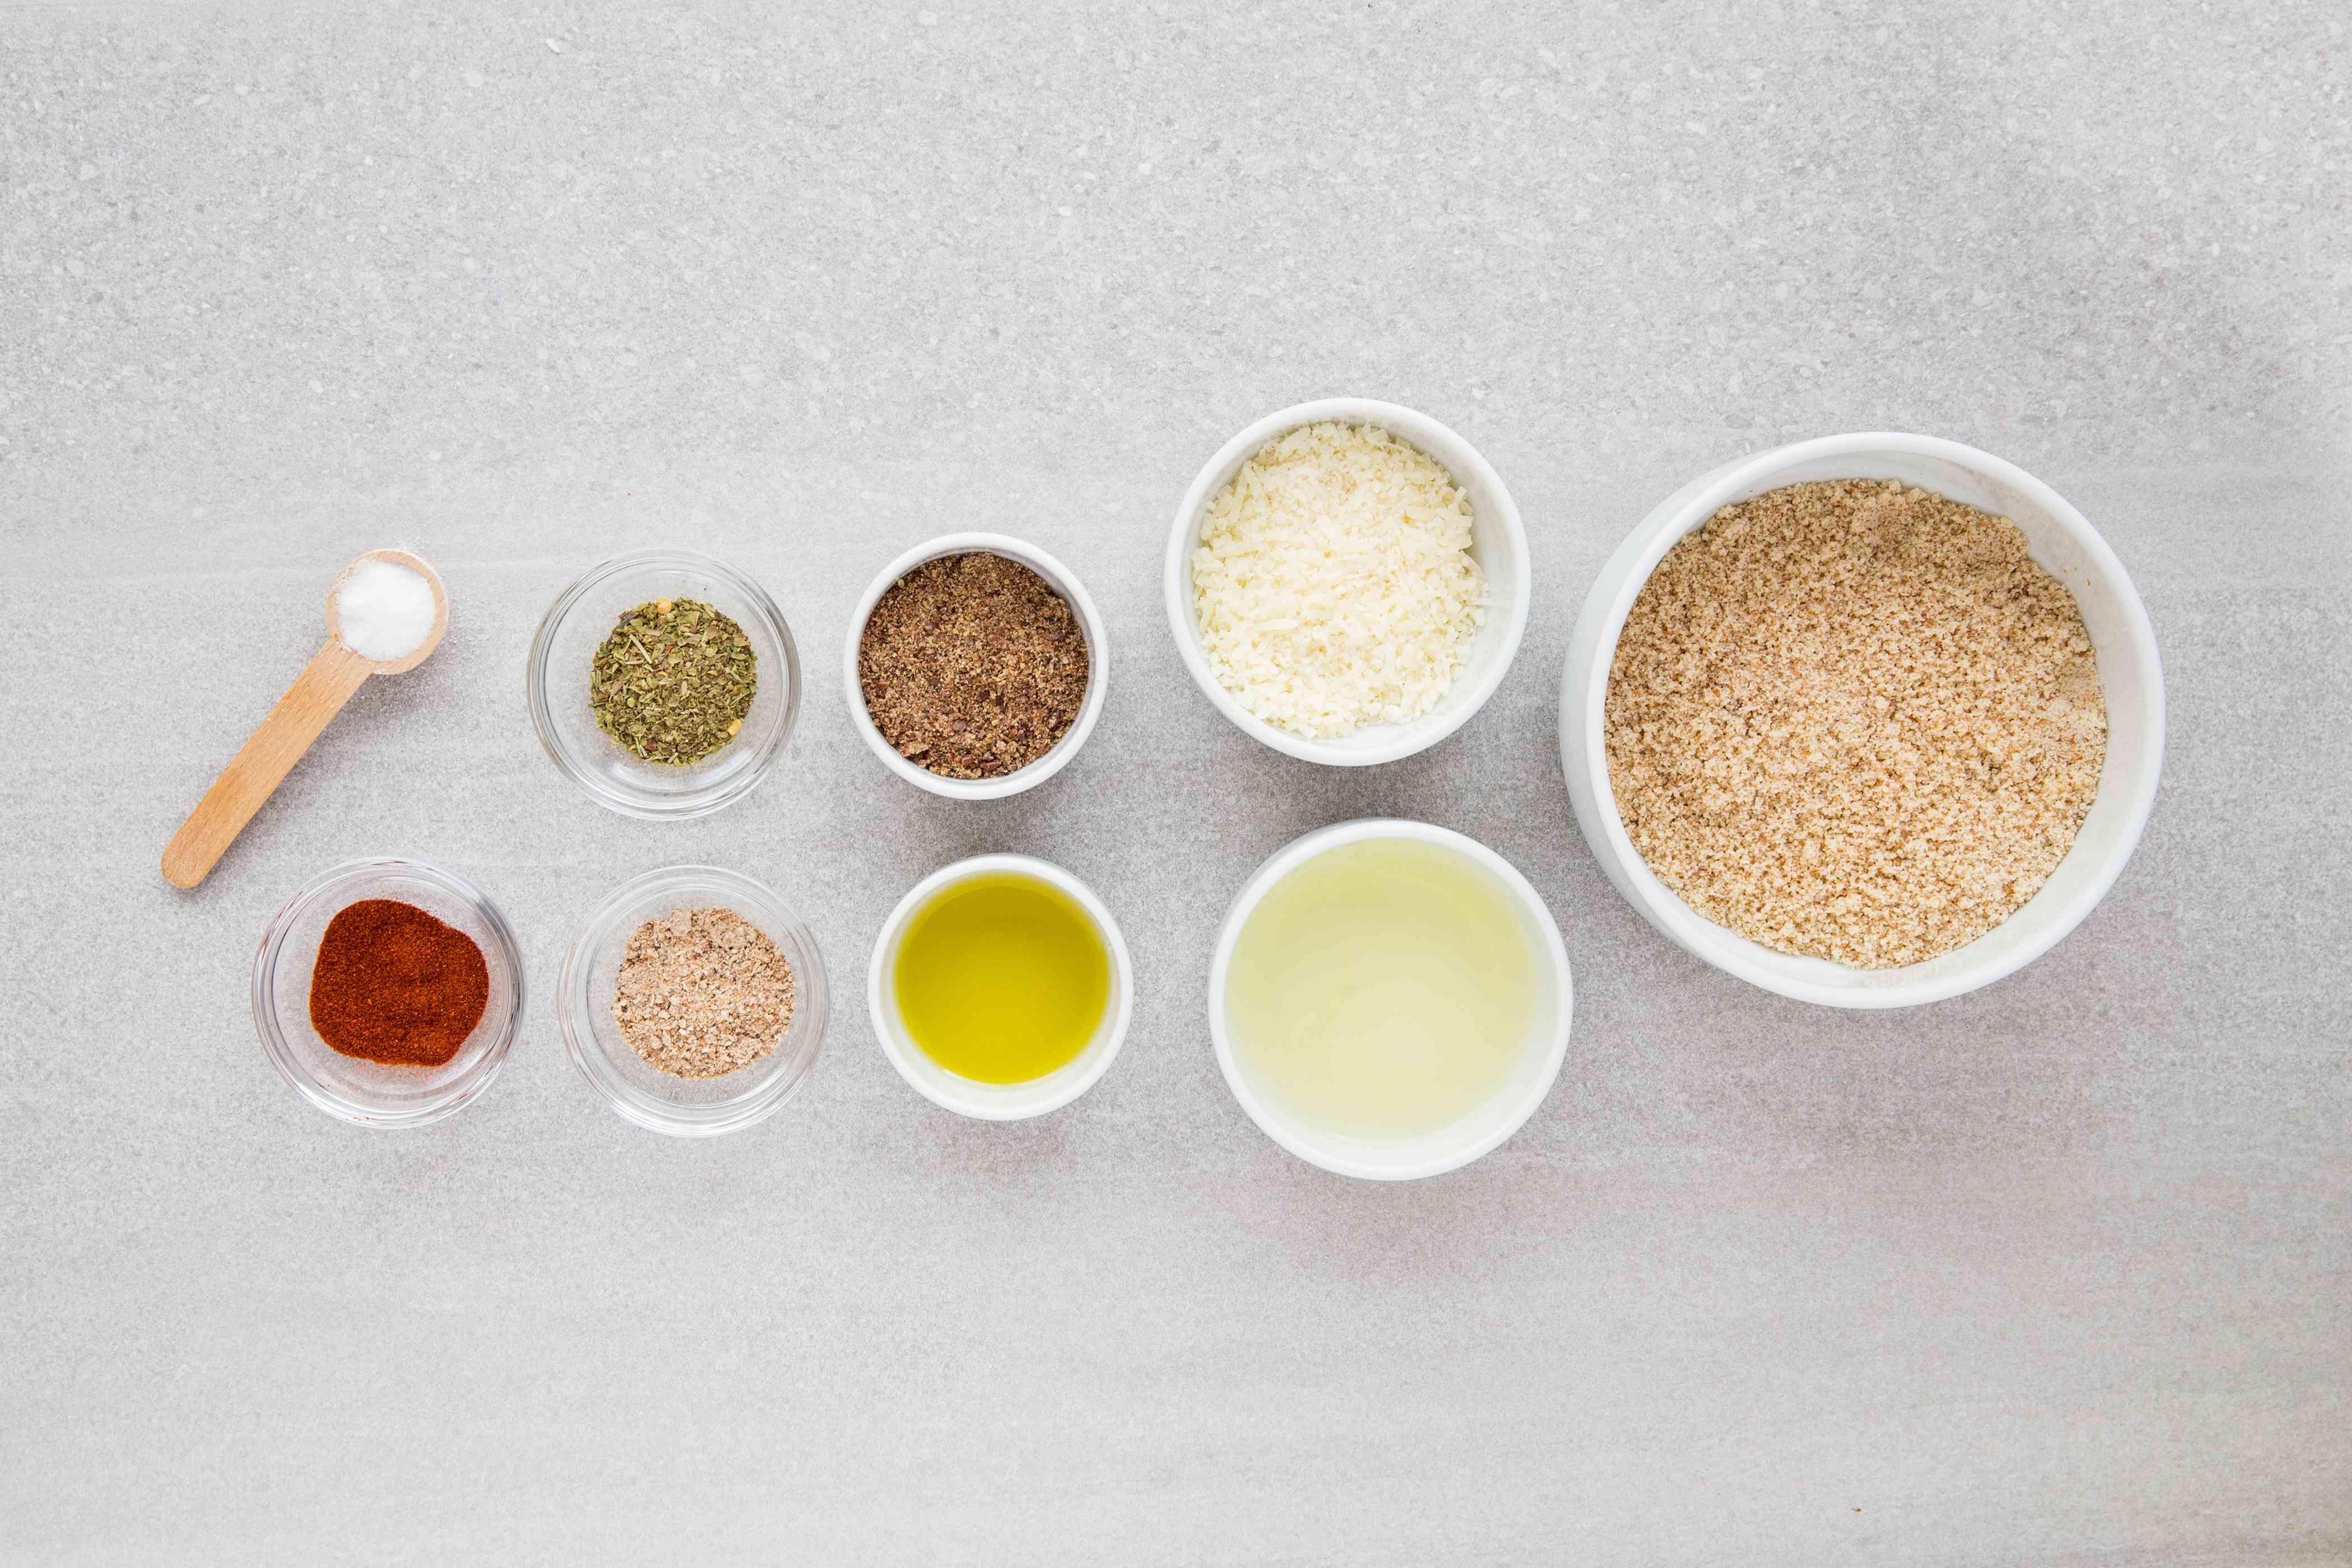 Gluten-Free Almond Flax Cracker ingredients